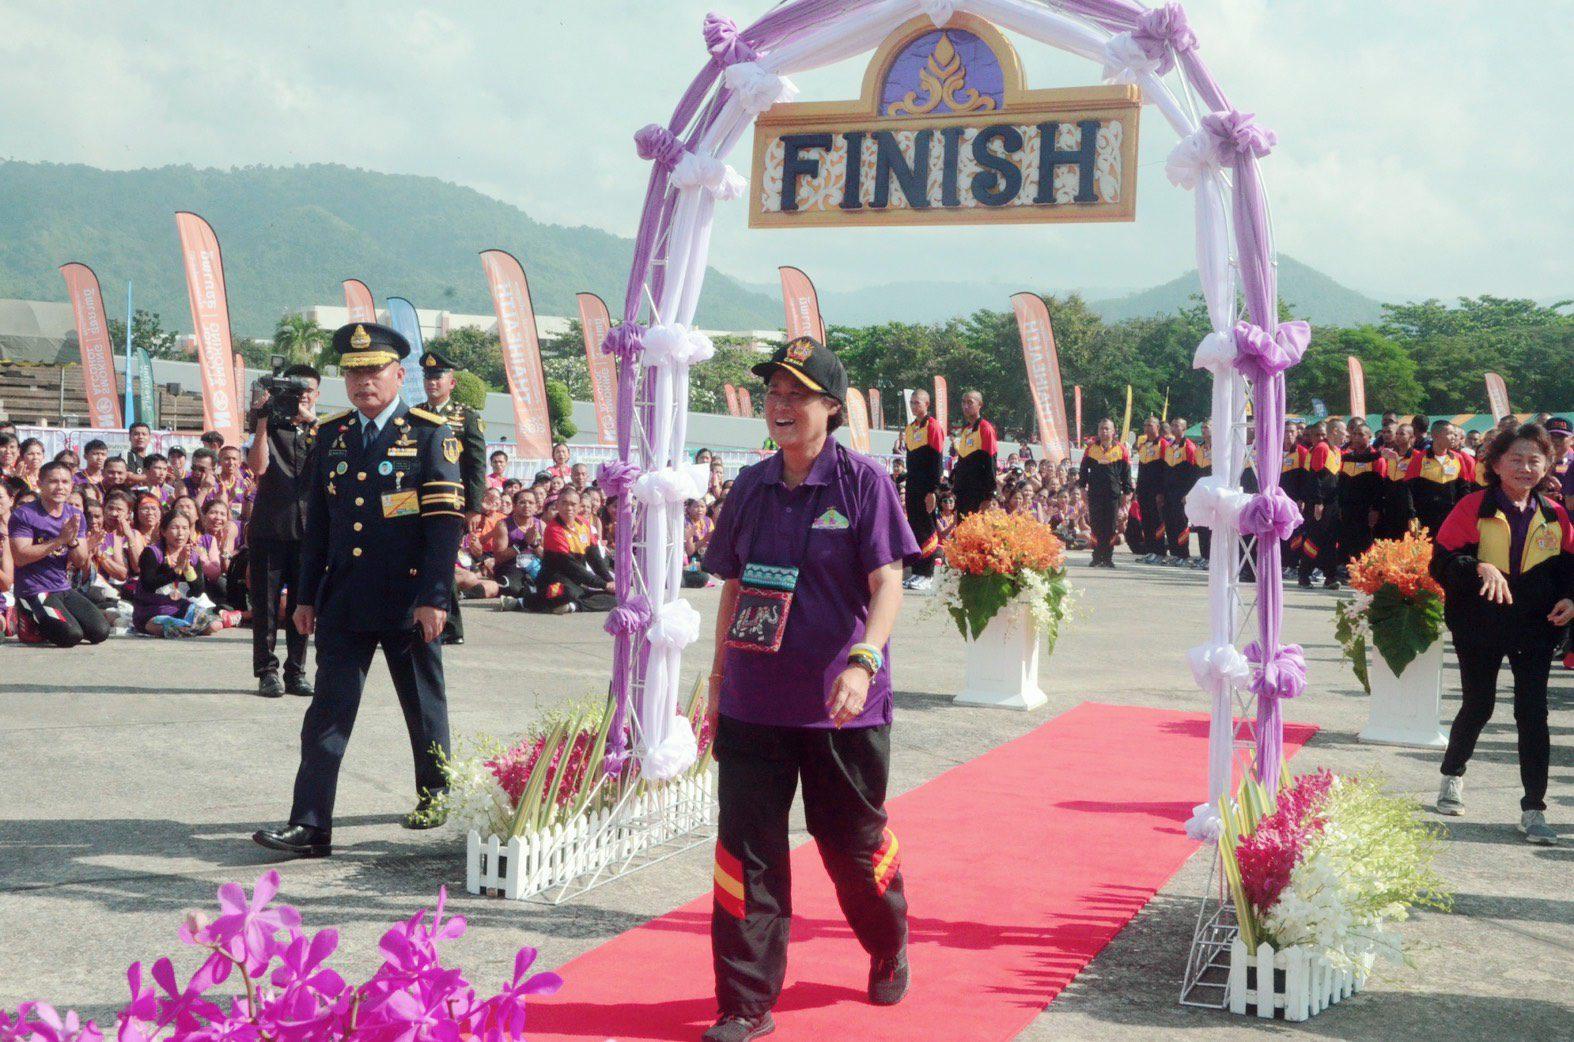 """สุดปีติ! พลเอกหญิง สมเด็จพระกนิษฐาธิราชเจ้าฯ ทรงพระดำเนินระยะทาง 1.3 กม. """"งานเดิน -วิ่ง ประเพณี เขาชะโงก ซูเปอร์ฮาล์ฟ มาราธอน 62"""""""